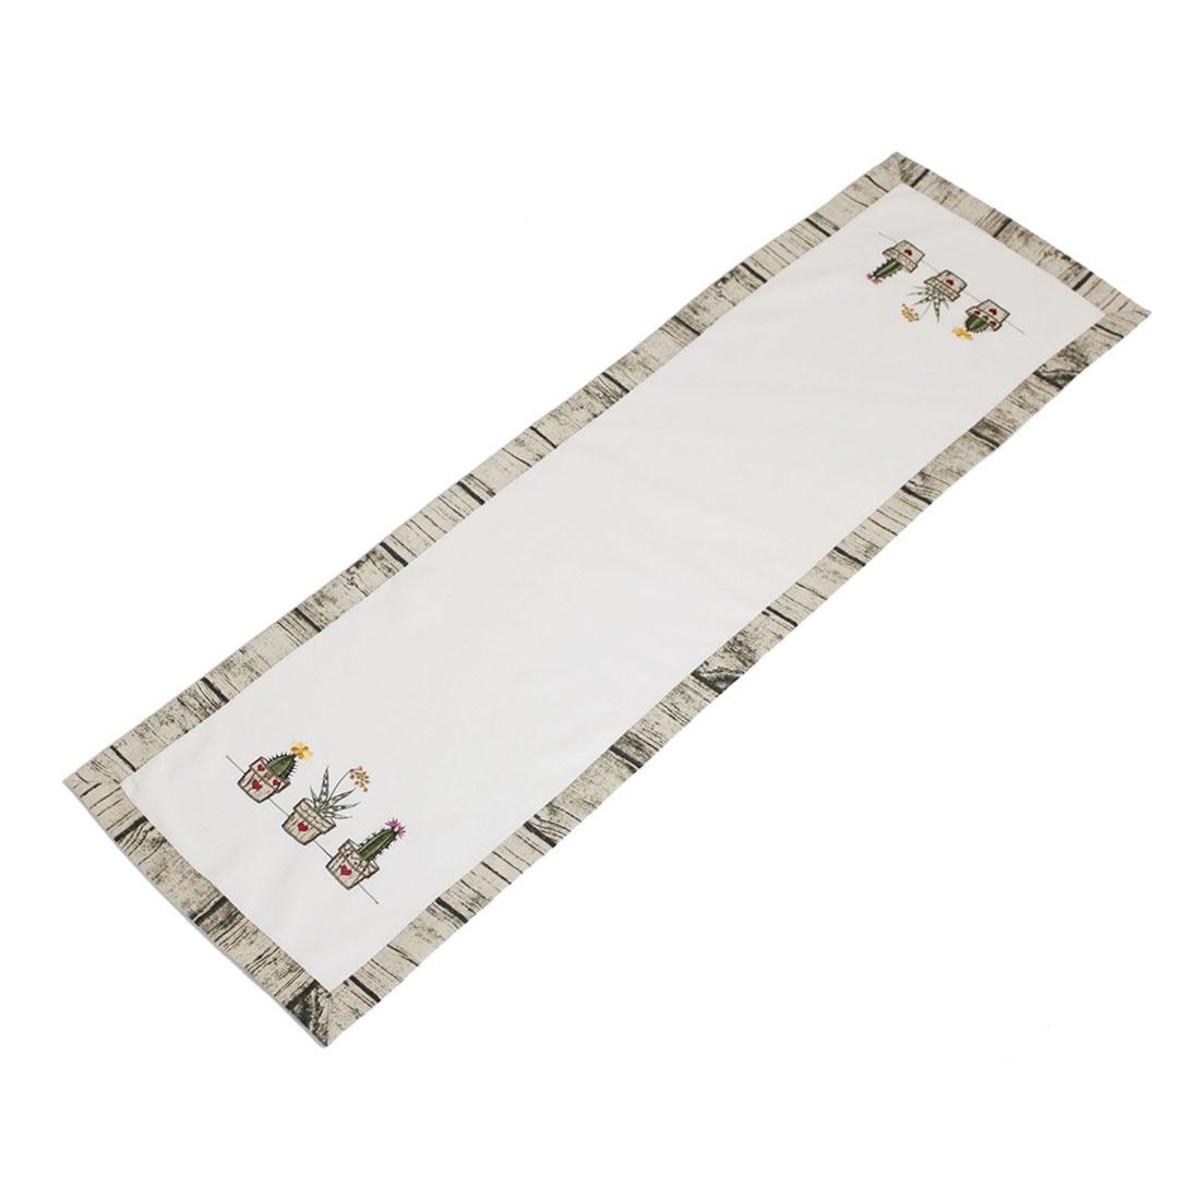 Дорожка на стол Хит-декор Кактусы 05771 140х40 см